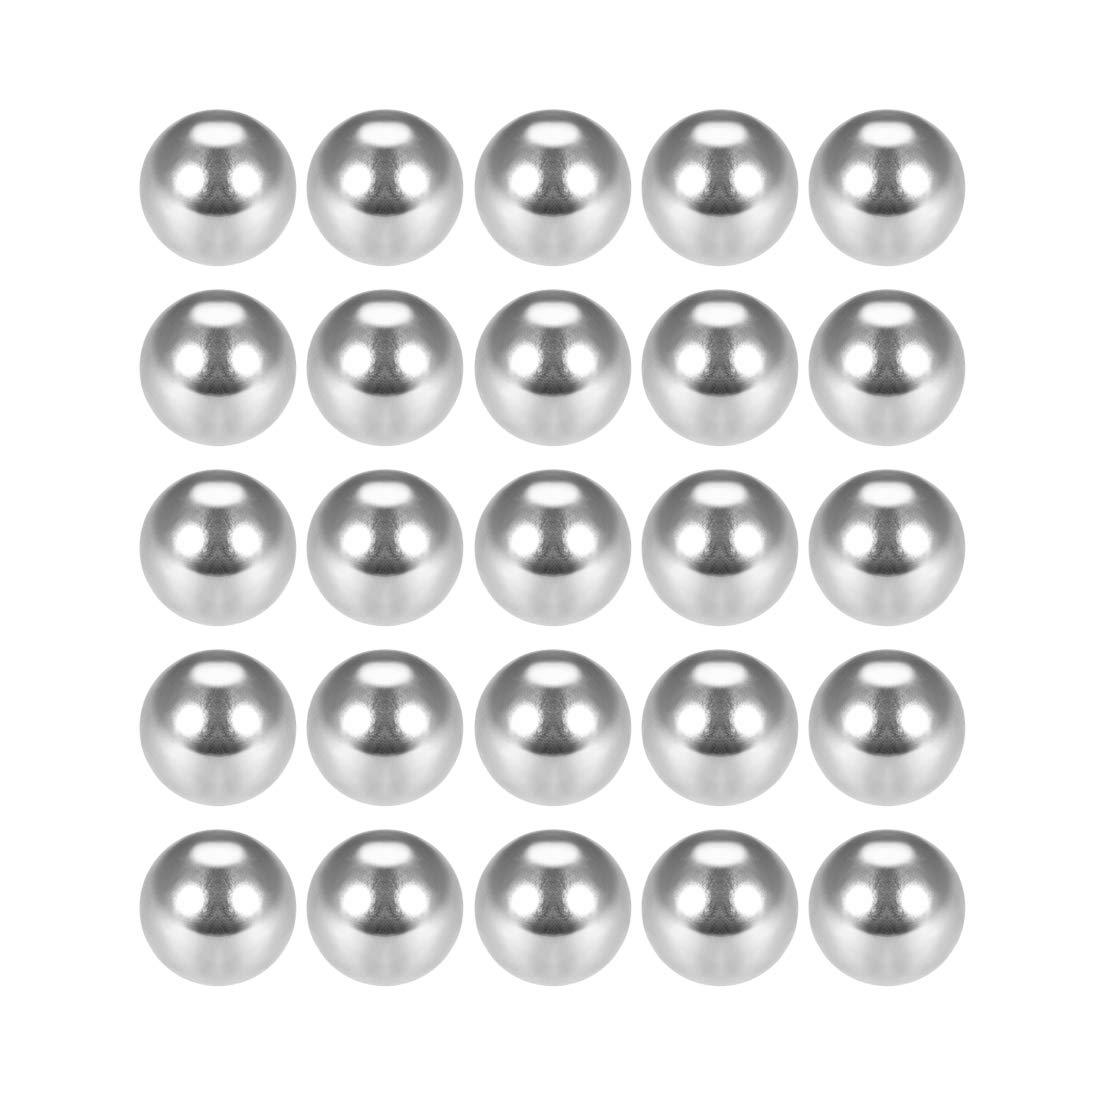 Sourcing Map Diff/érents roulements /à billes de pr/écision en acier chrom/é G25 1mm 100pcs